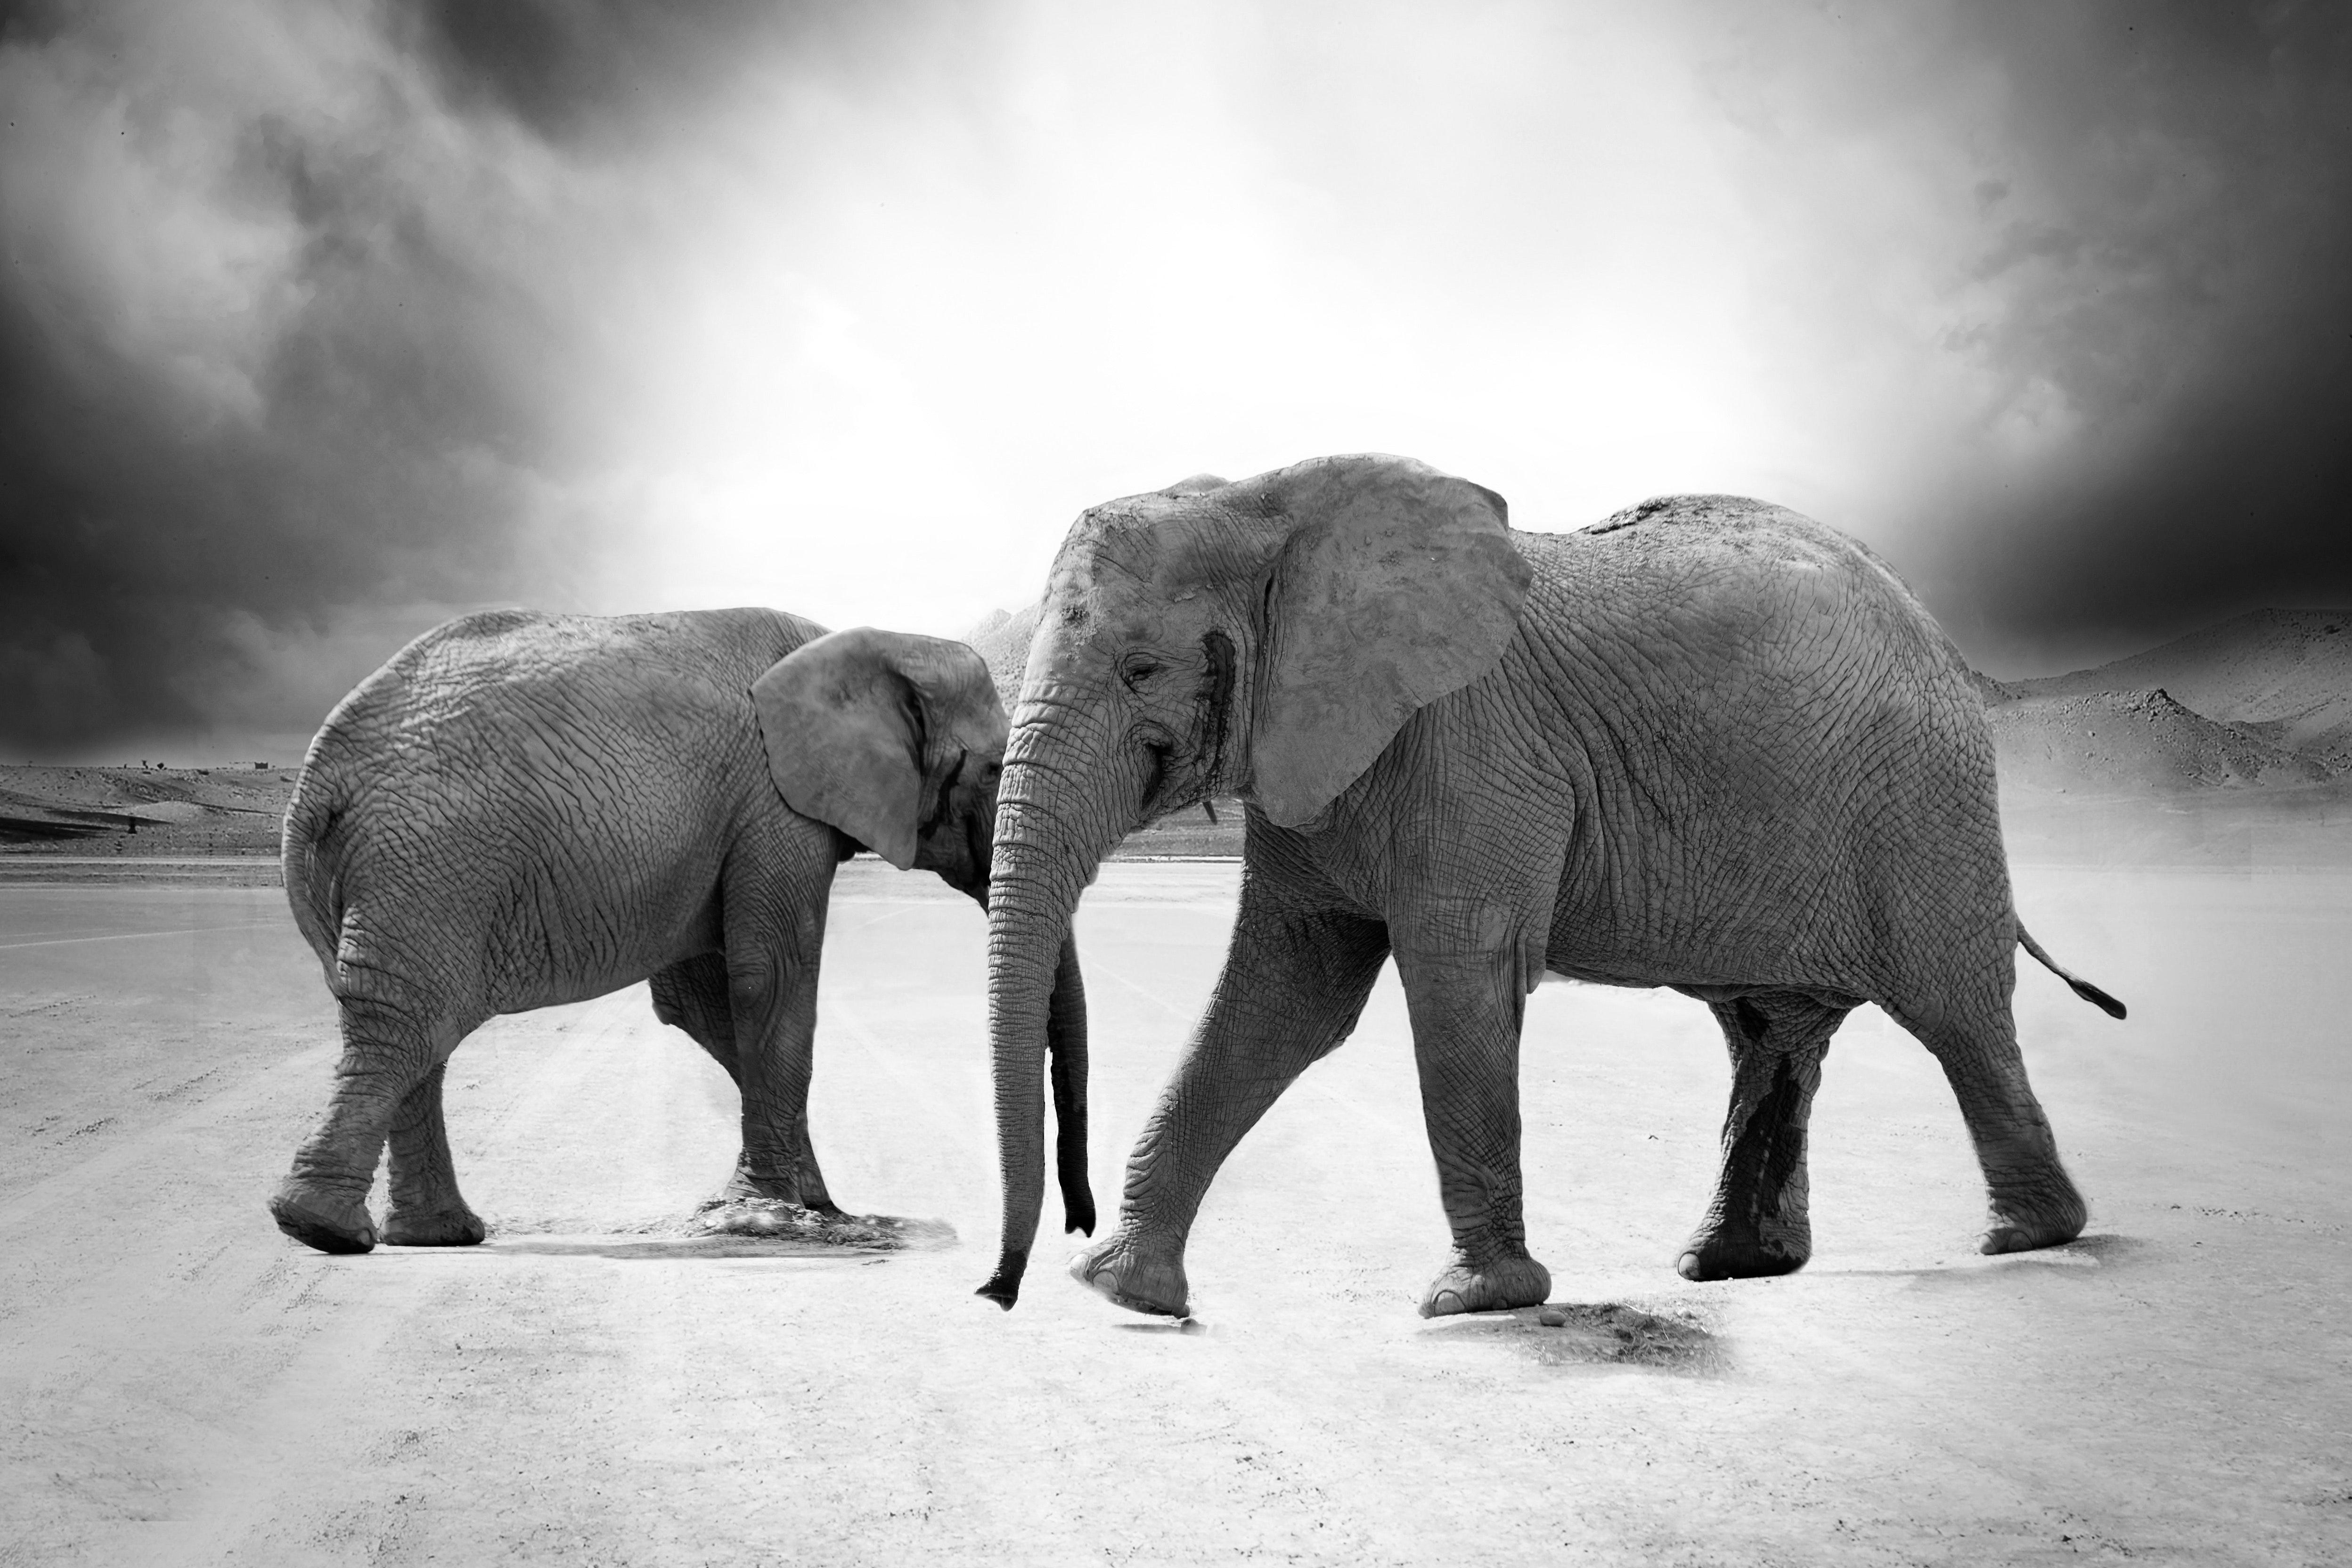 Grayscale photo of 2 elephants